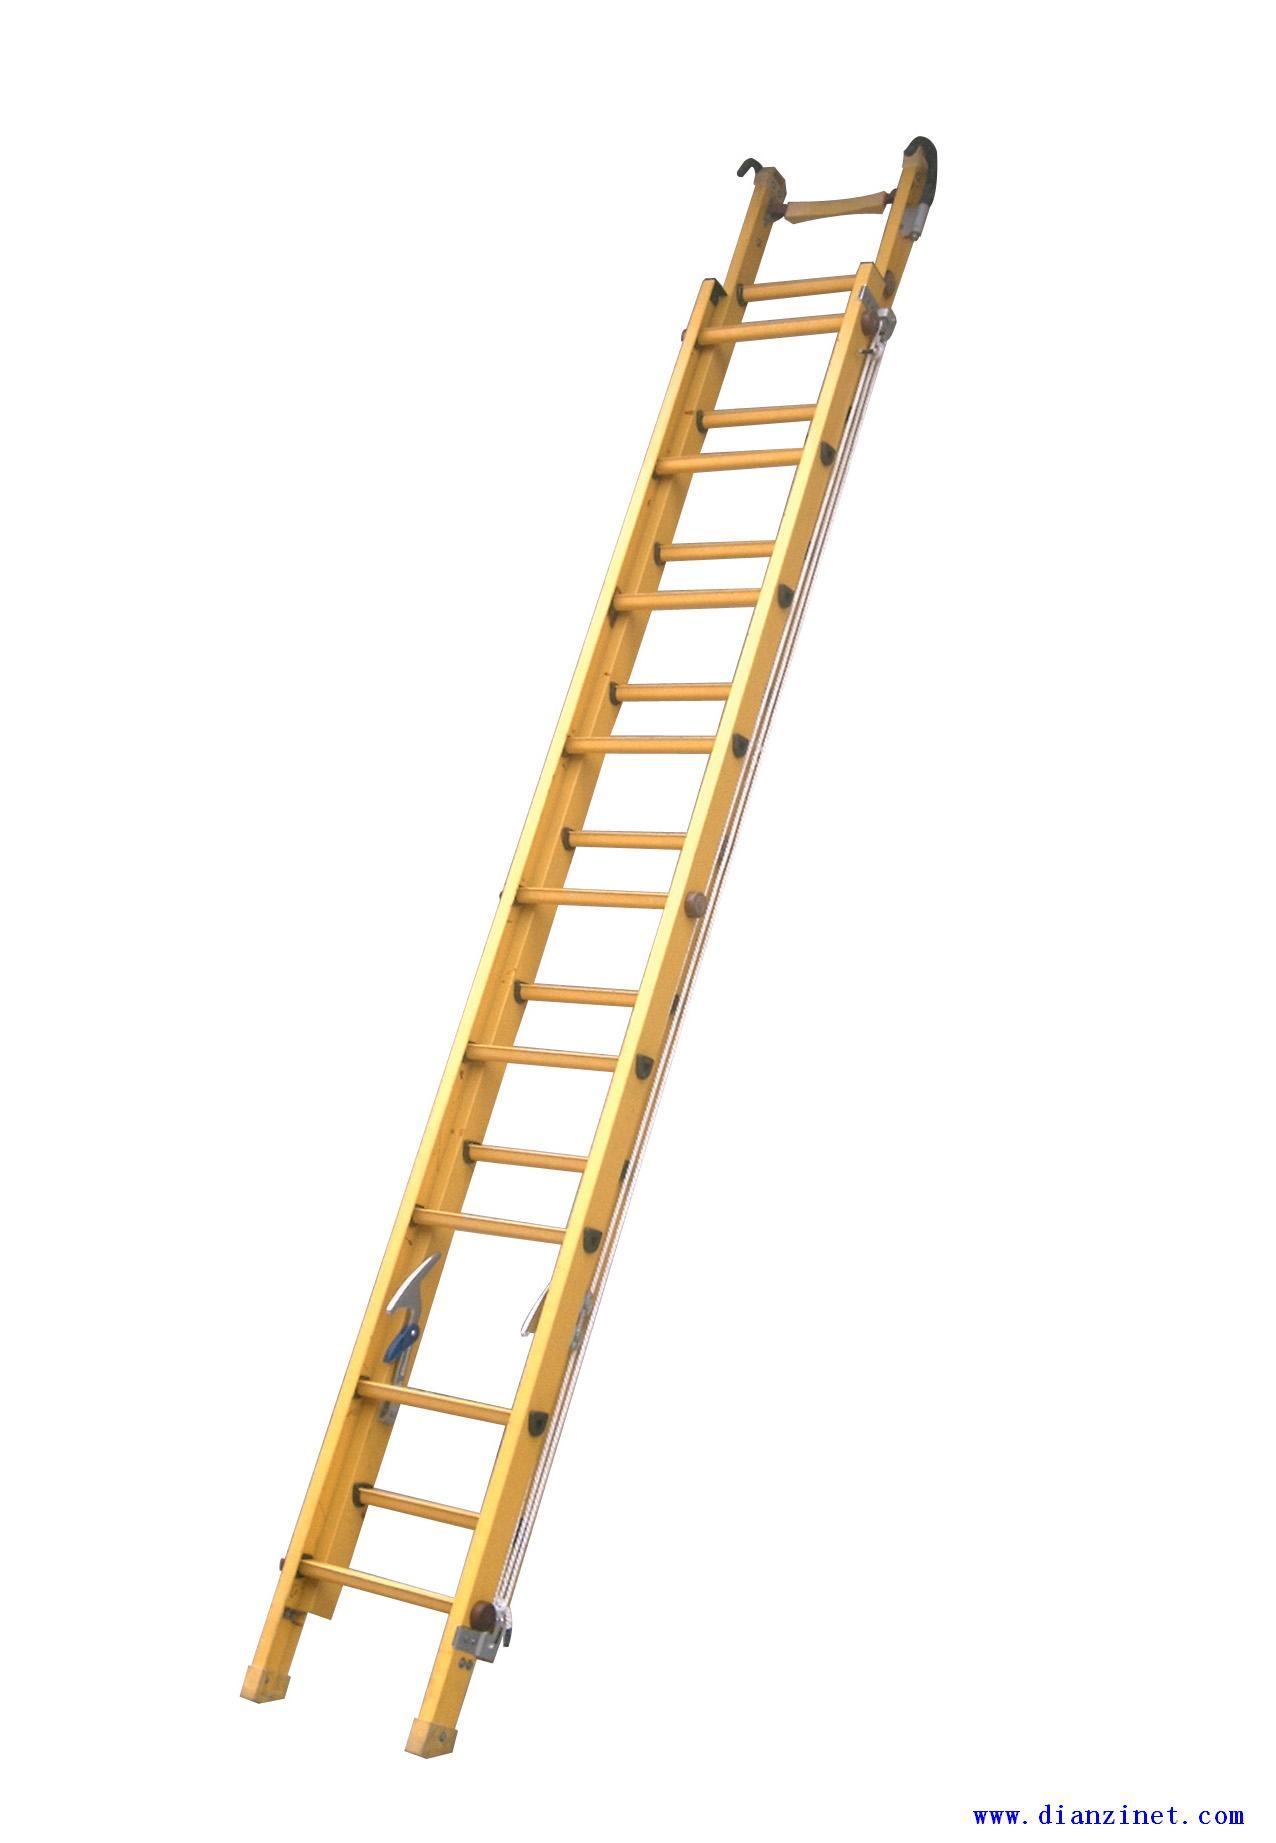 不导电绝缘升降单梯,绝缘合页升降梯,鱼竿式绝缘梯